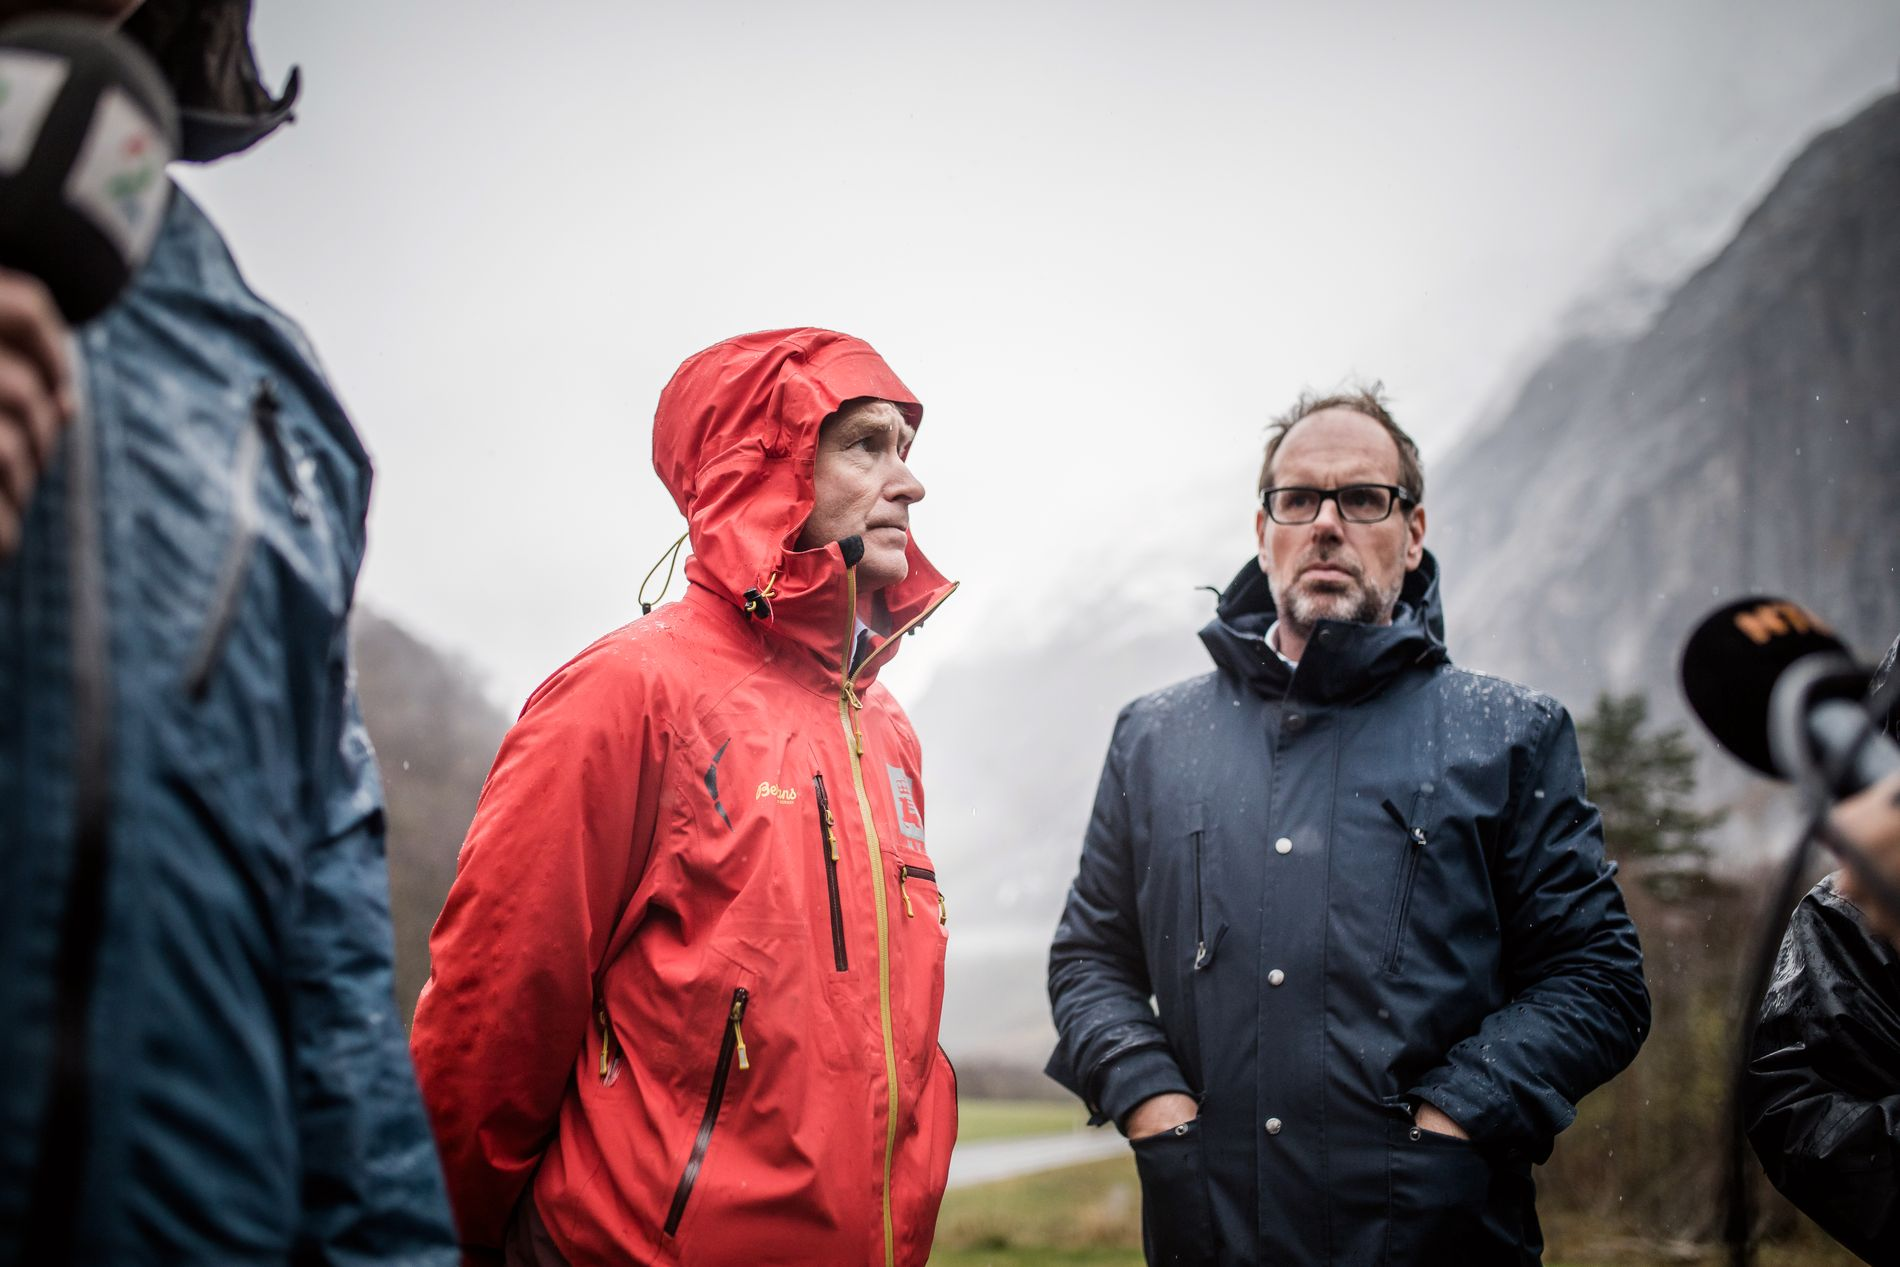 LETTE LØSNINGER: Hvorfor kan dere ikke bare sprenge Mannen? Det spørsmålet får sjefgeolog Lars Harald Blikra (til venstre) og ordfører Lars Olav Hustad i Rauma kommune  (til høyre) titt og ofte.